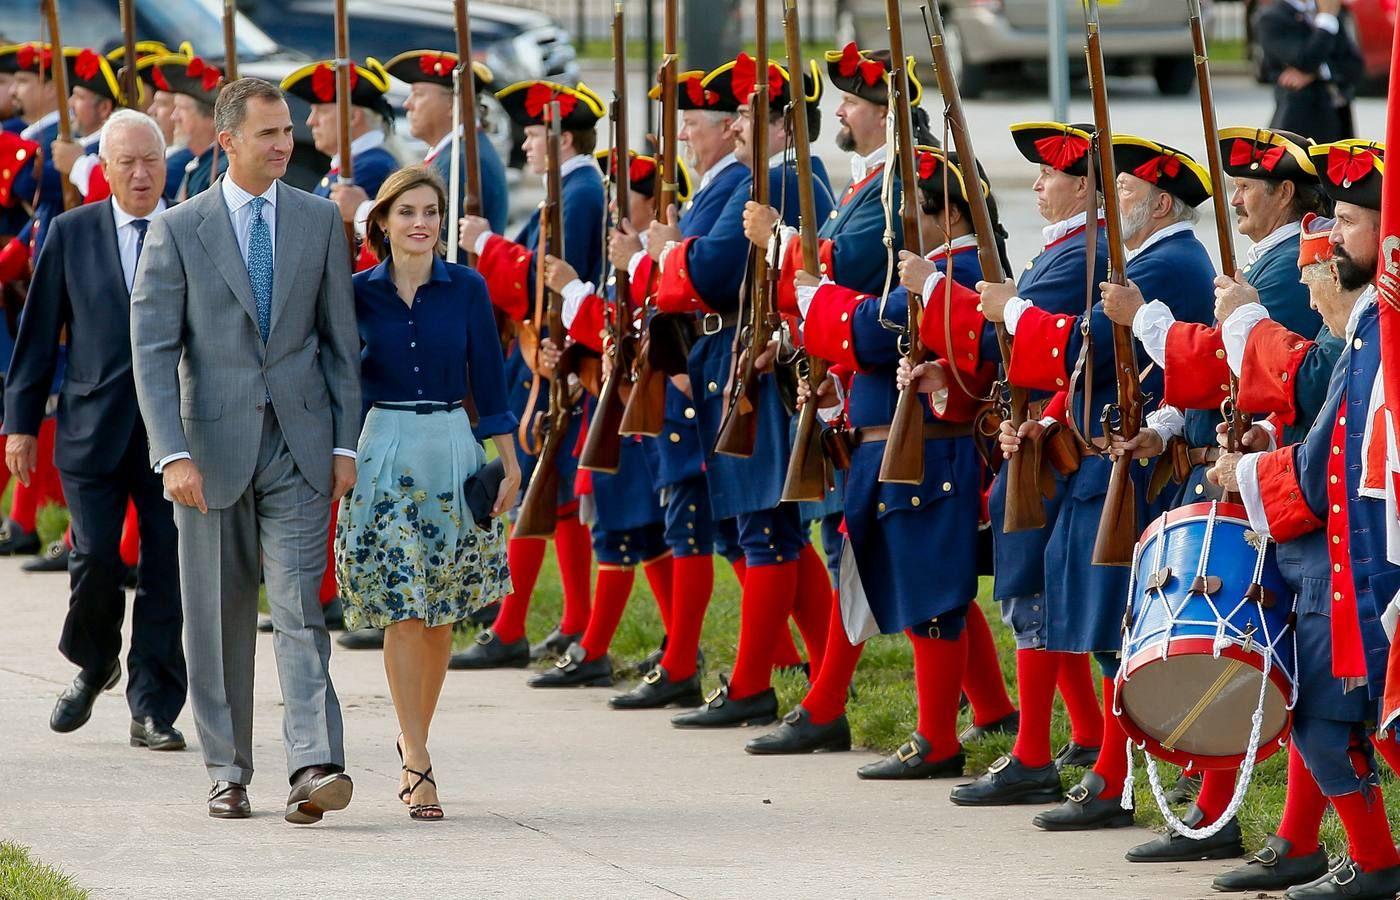 El rey Felipe VI y la reina Letizia seguidos del ministro de Asuntos Exteriores, José Manuel García-Margallo, pasan ante voluntarios ataviados con uniformes de época de la antigua guarnición española, durante la visita que han realizado hoy al Castillo de San Marcos en la ciudad de San Agustín